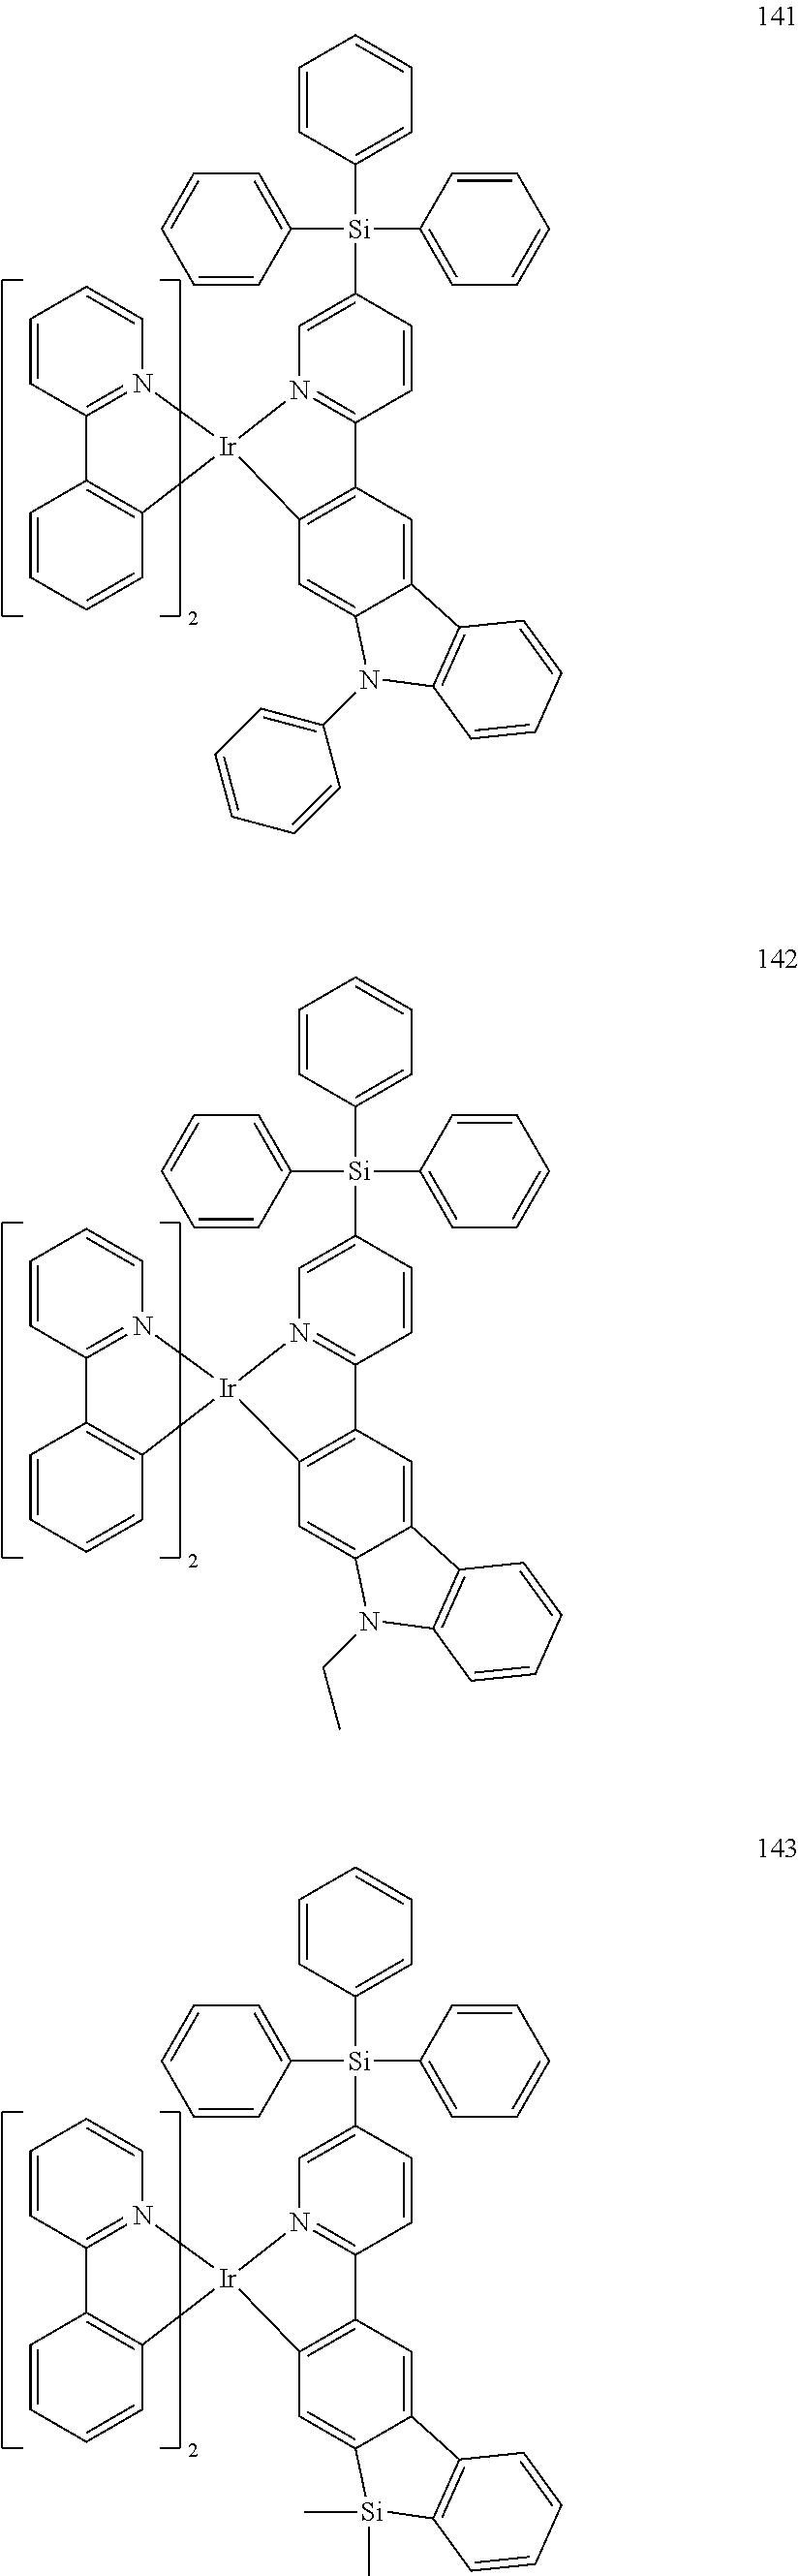 Figure US20160155962A1-20160602-C00371